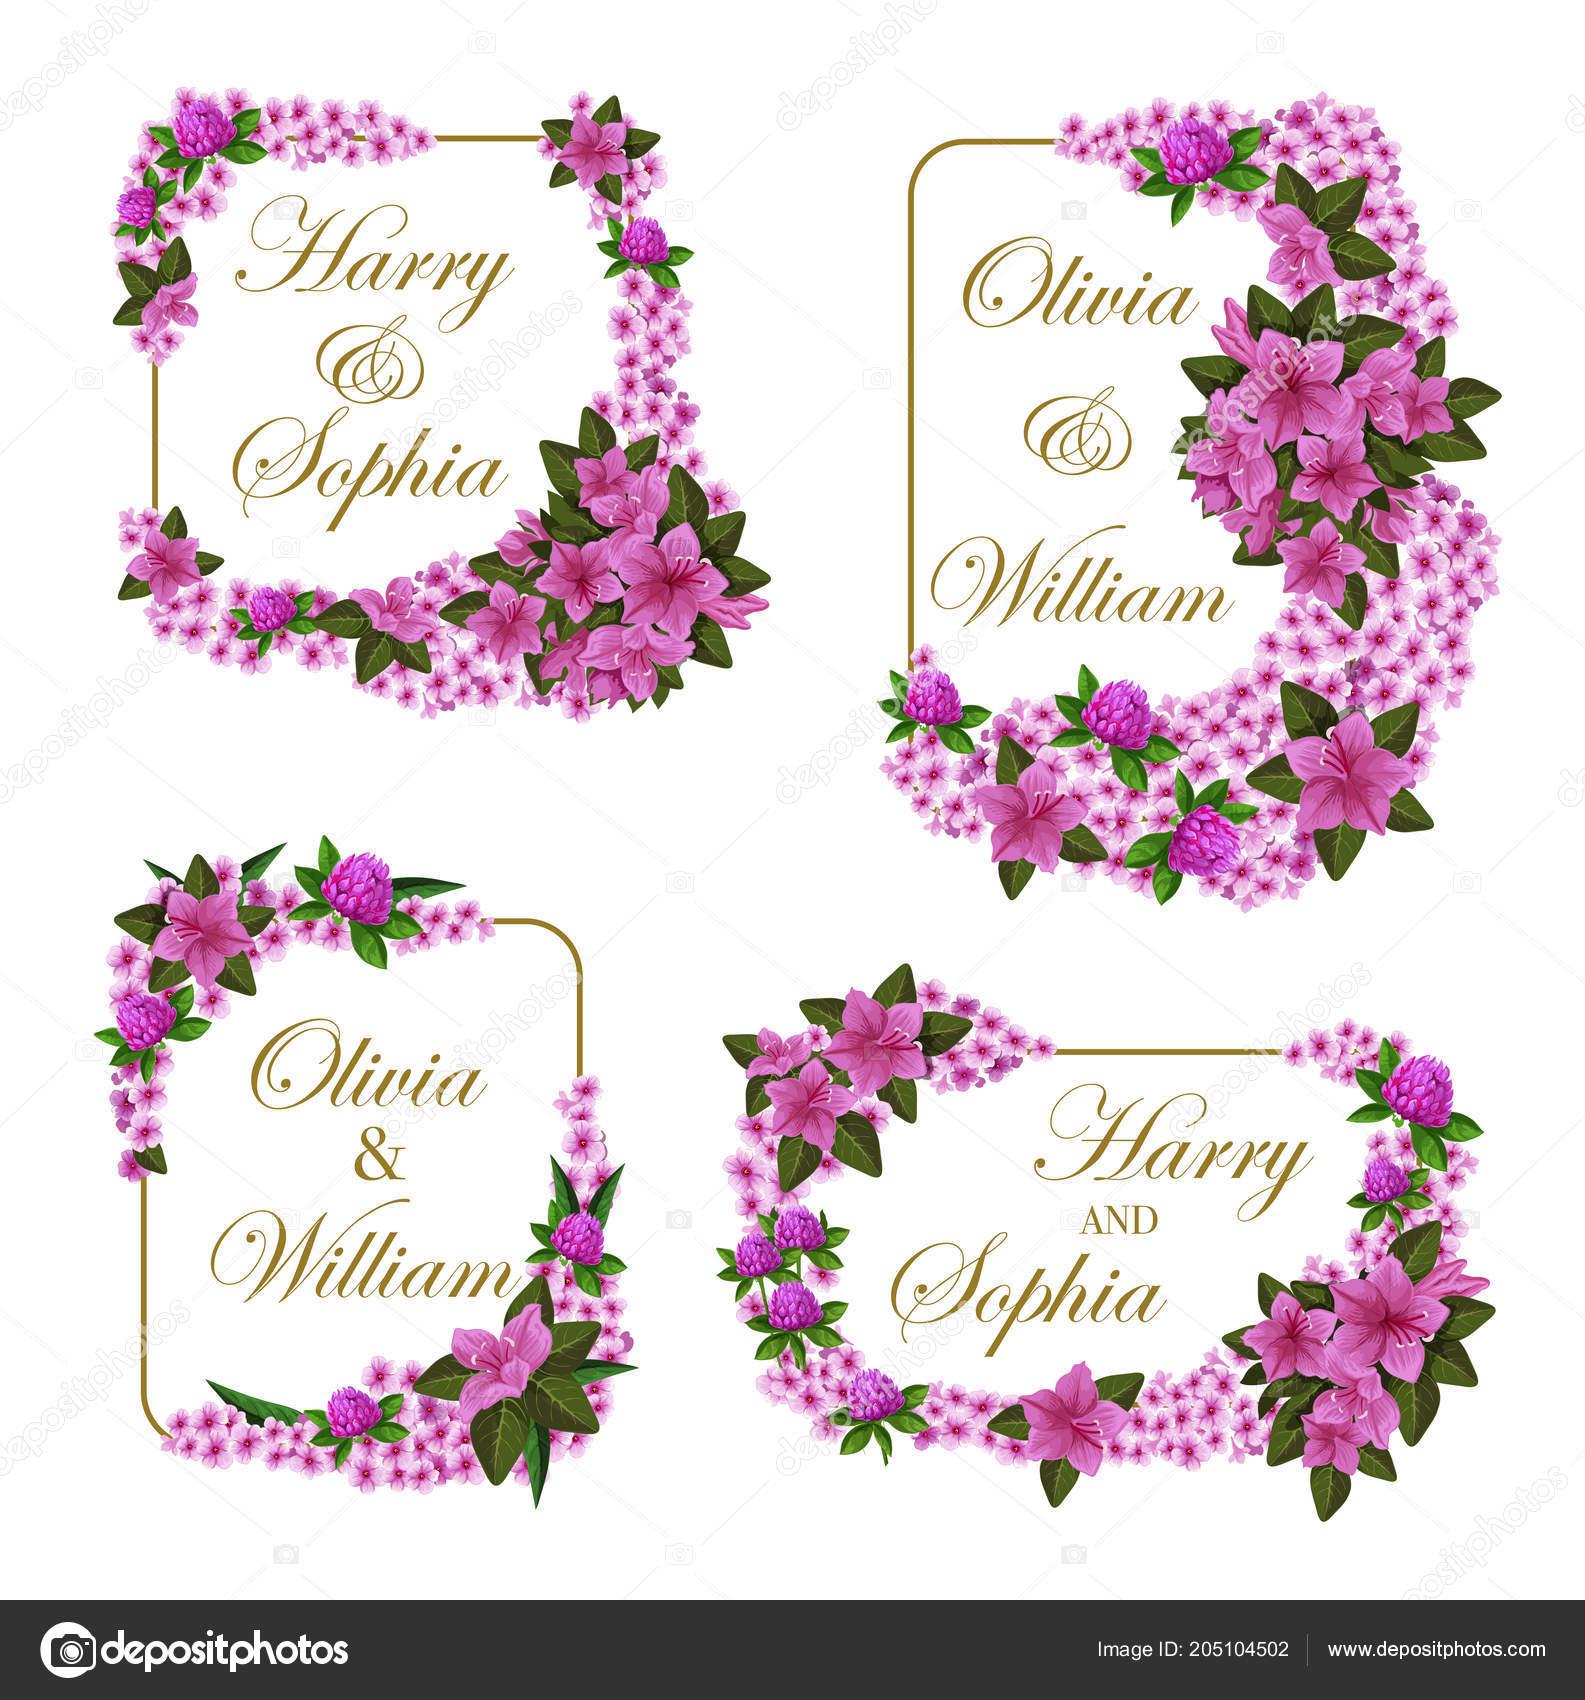 Vektor Hochzeit Einladungskarten Blumen Stockvektor C Seamartini